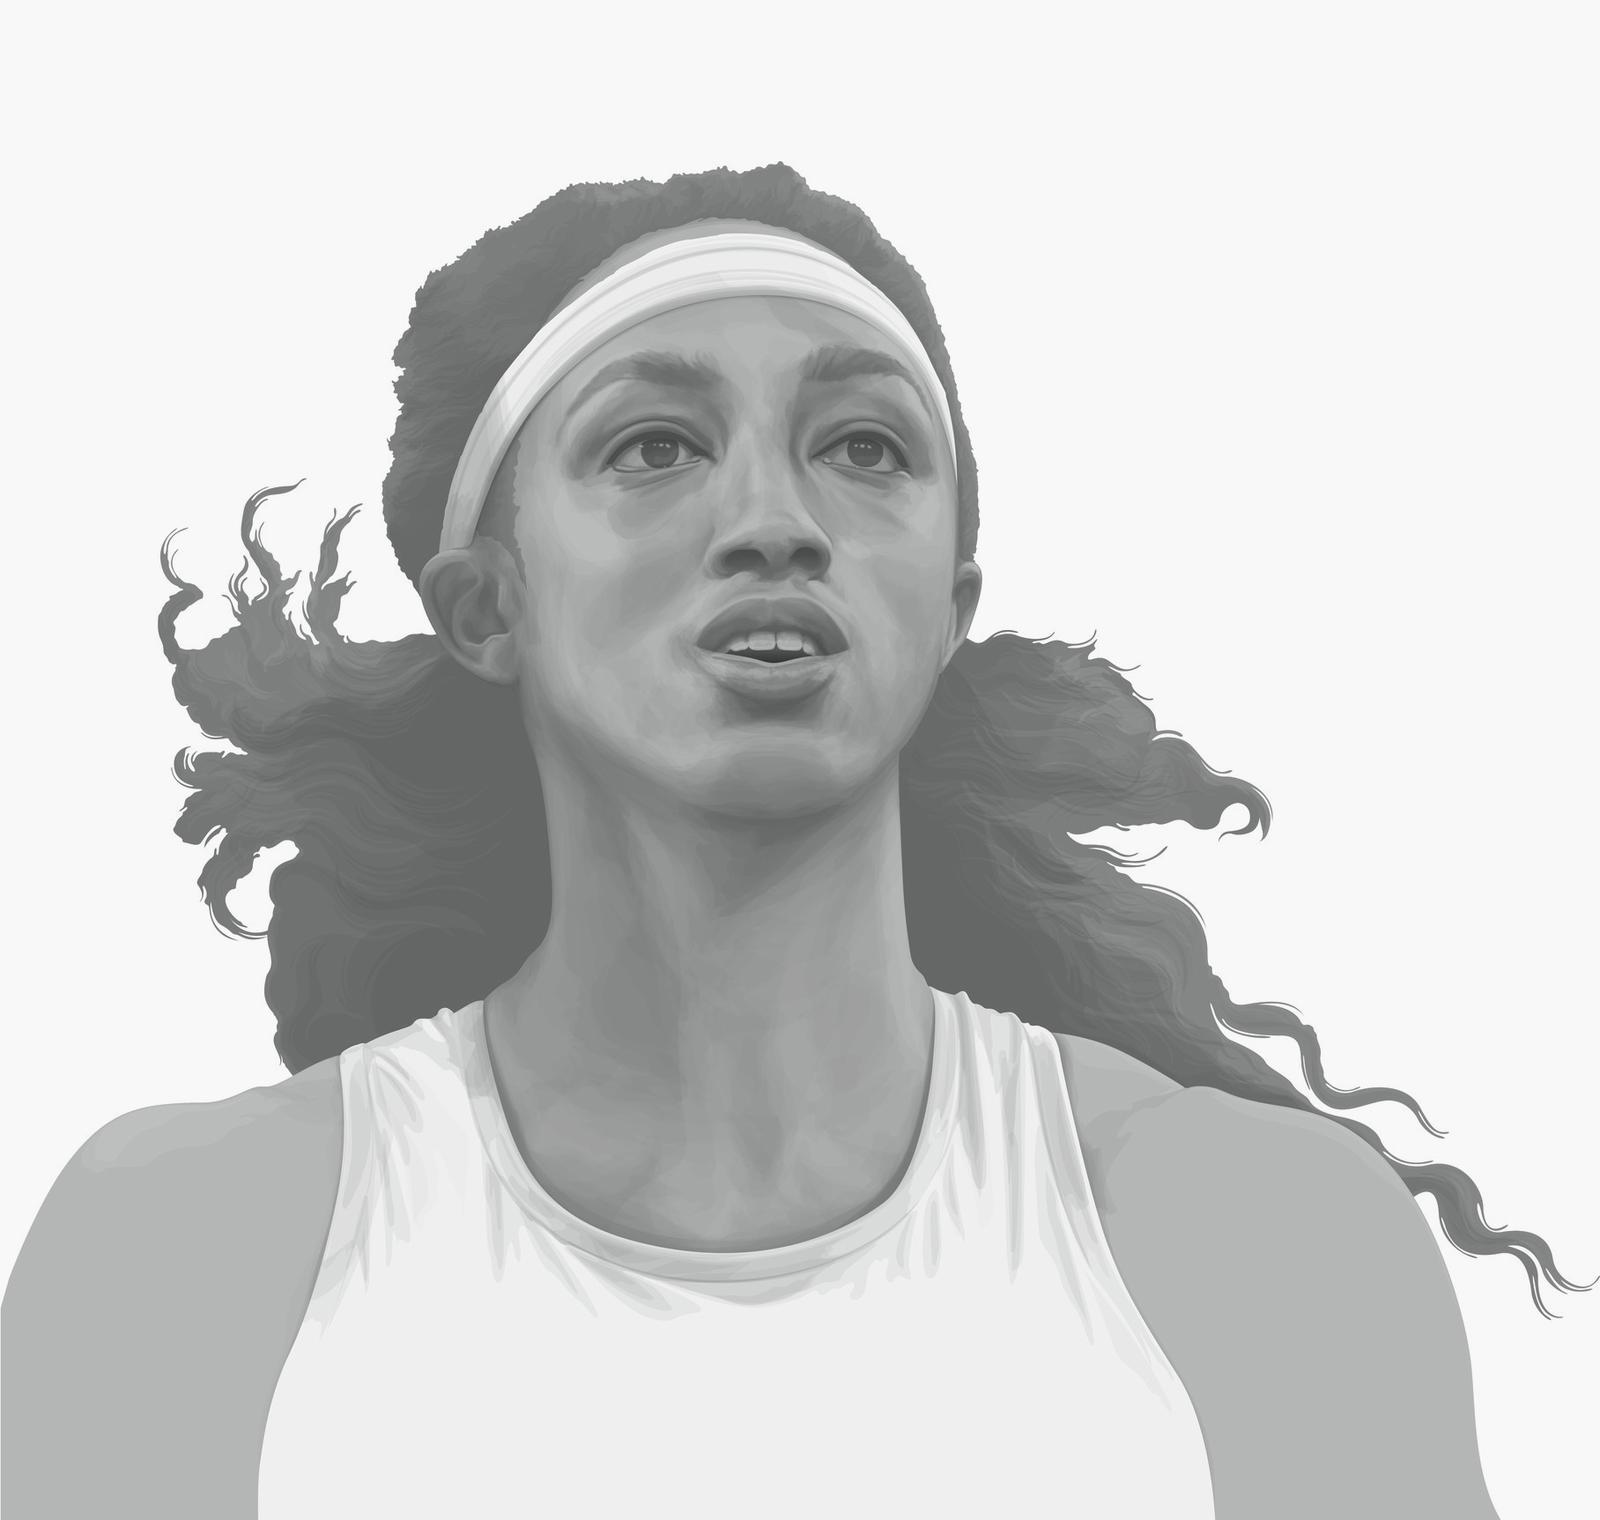 -Nike-BriannaRollins-portrait-R4d